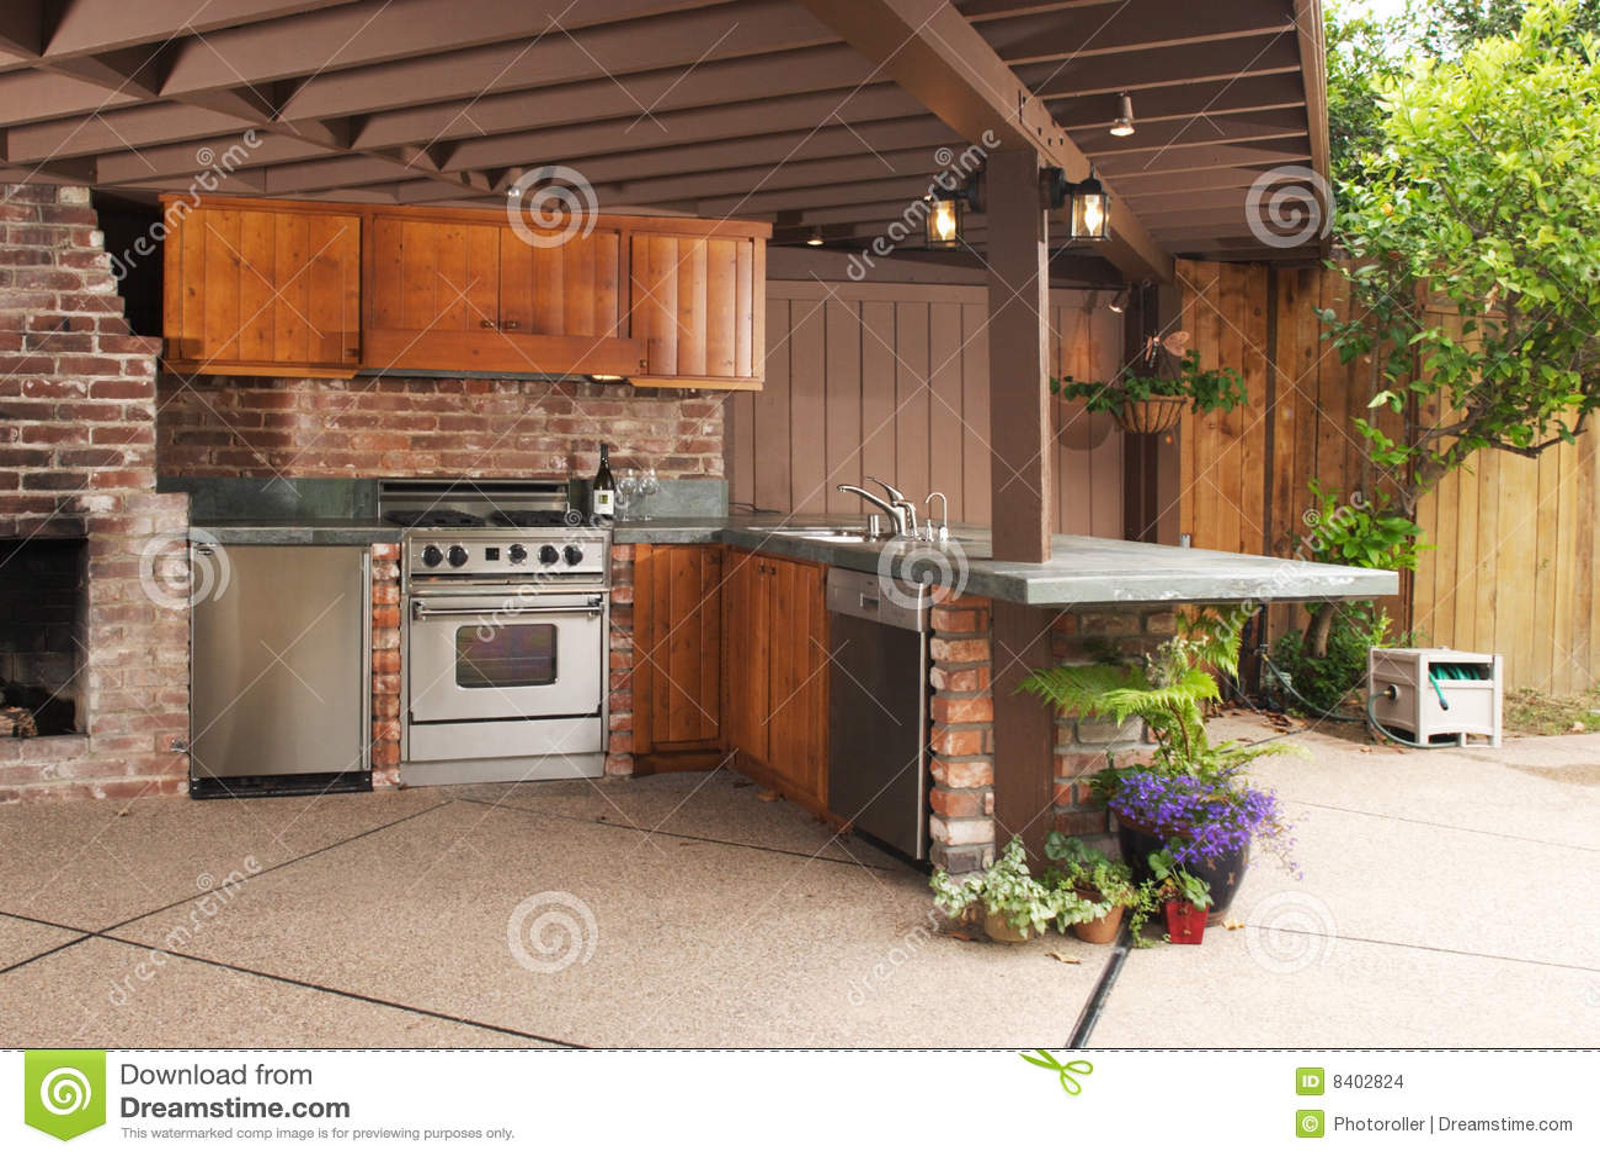 cocina moderna imagenes de archivo imagen 8402824